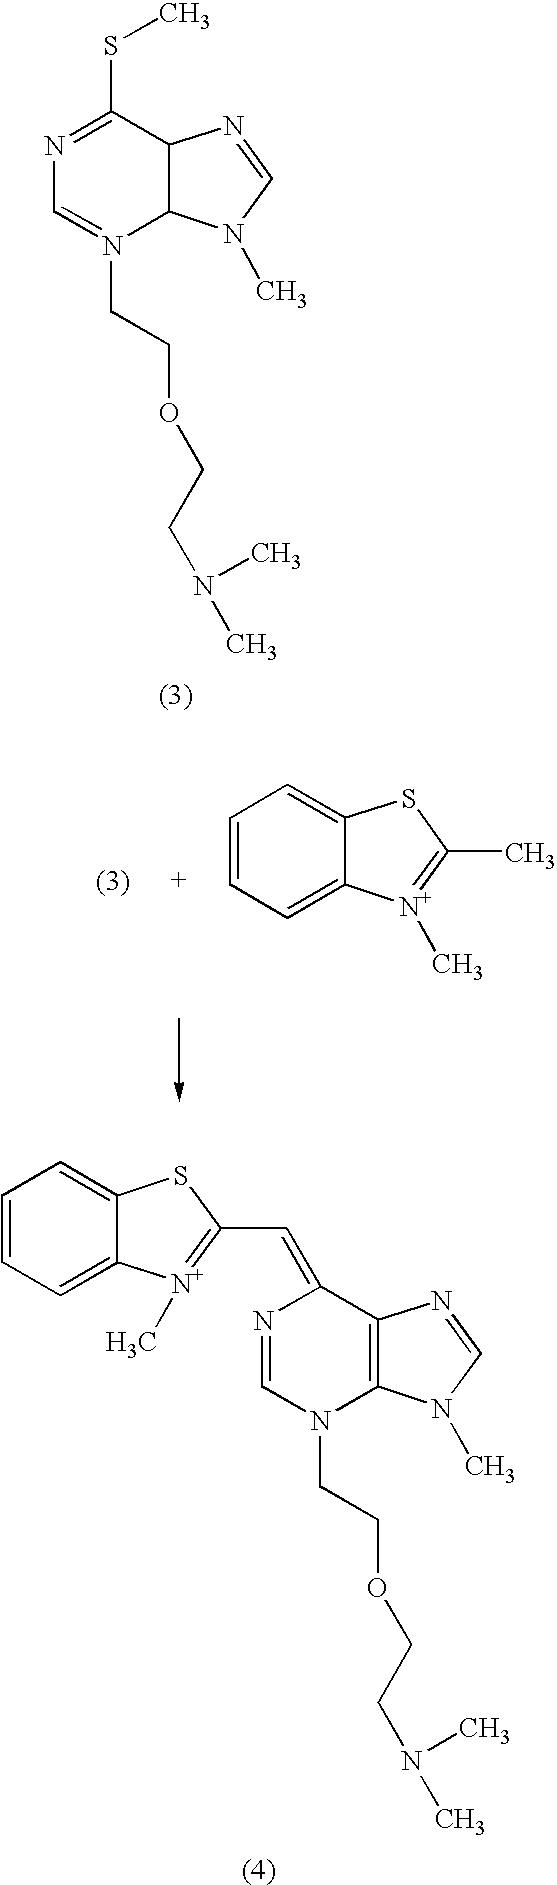 Figure US07943320-20110517-C00009